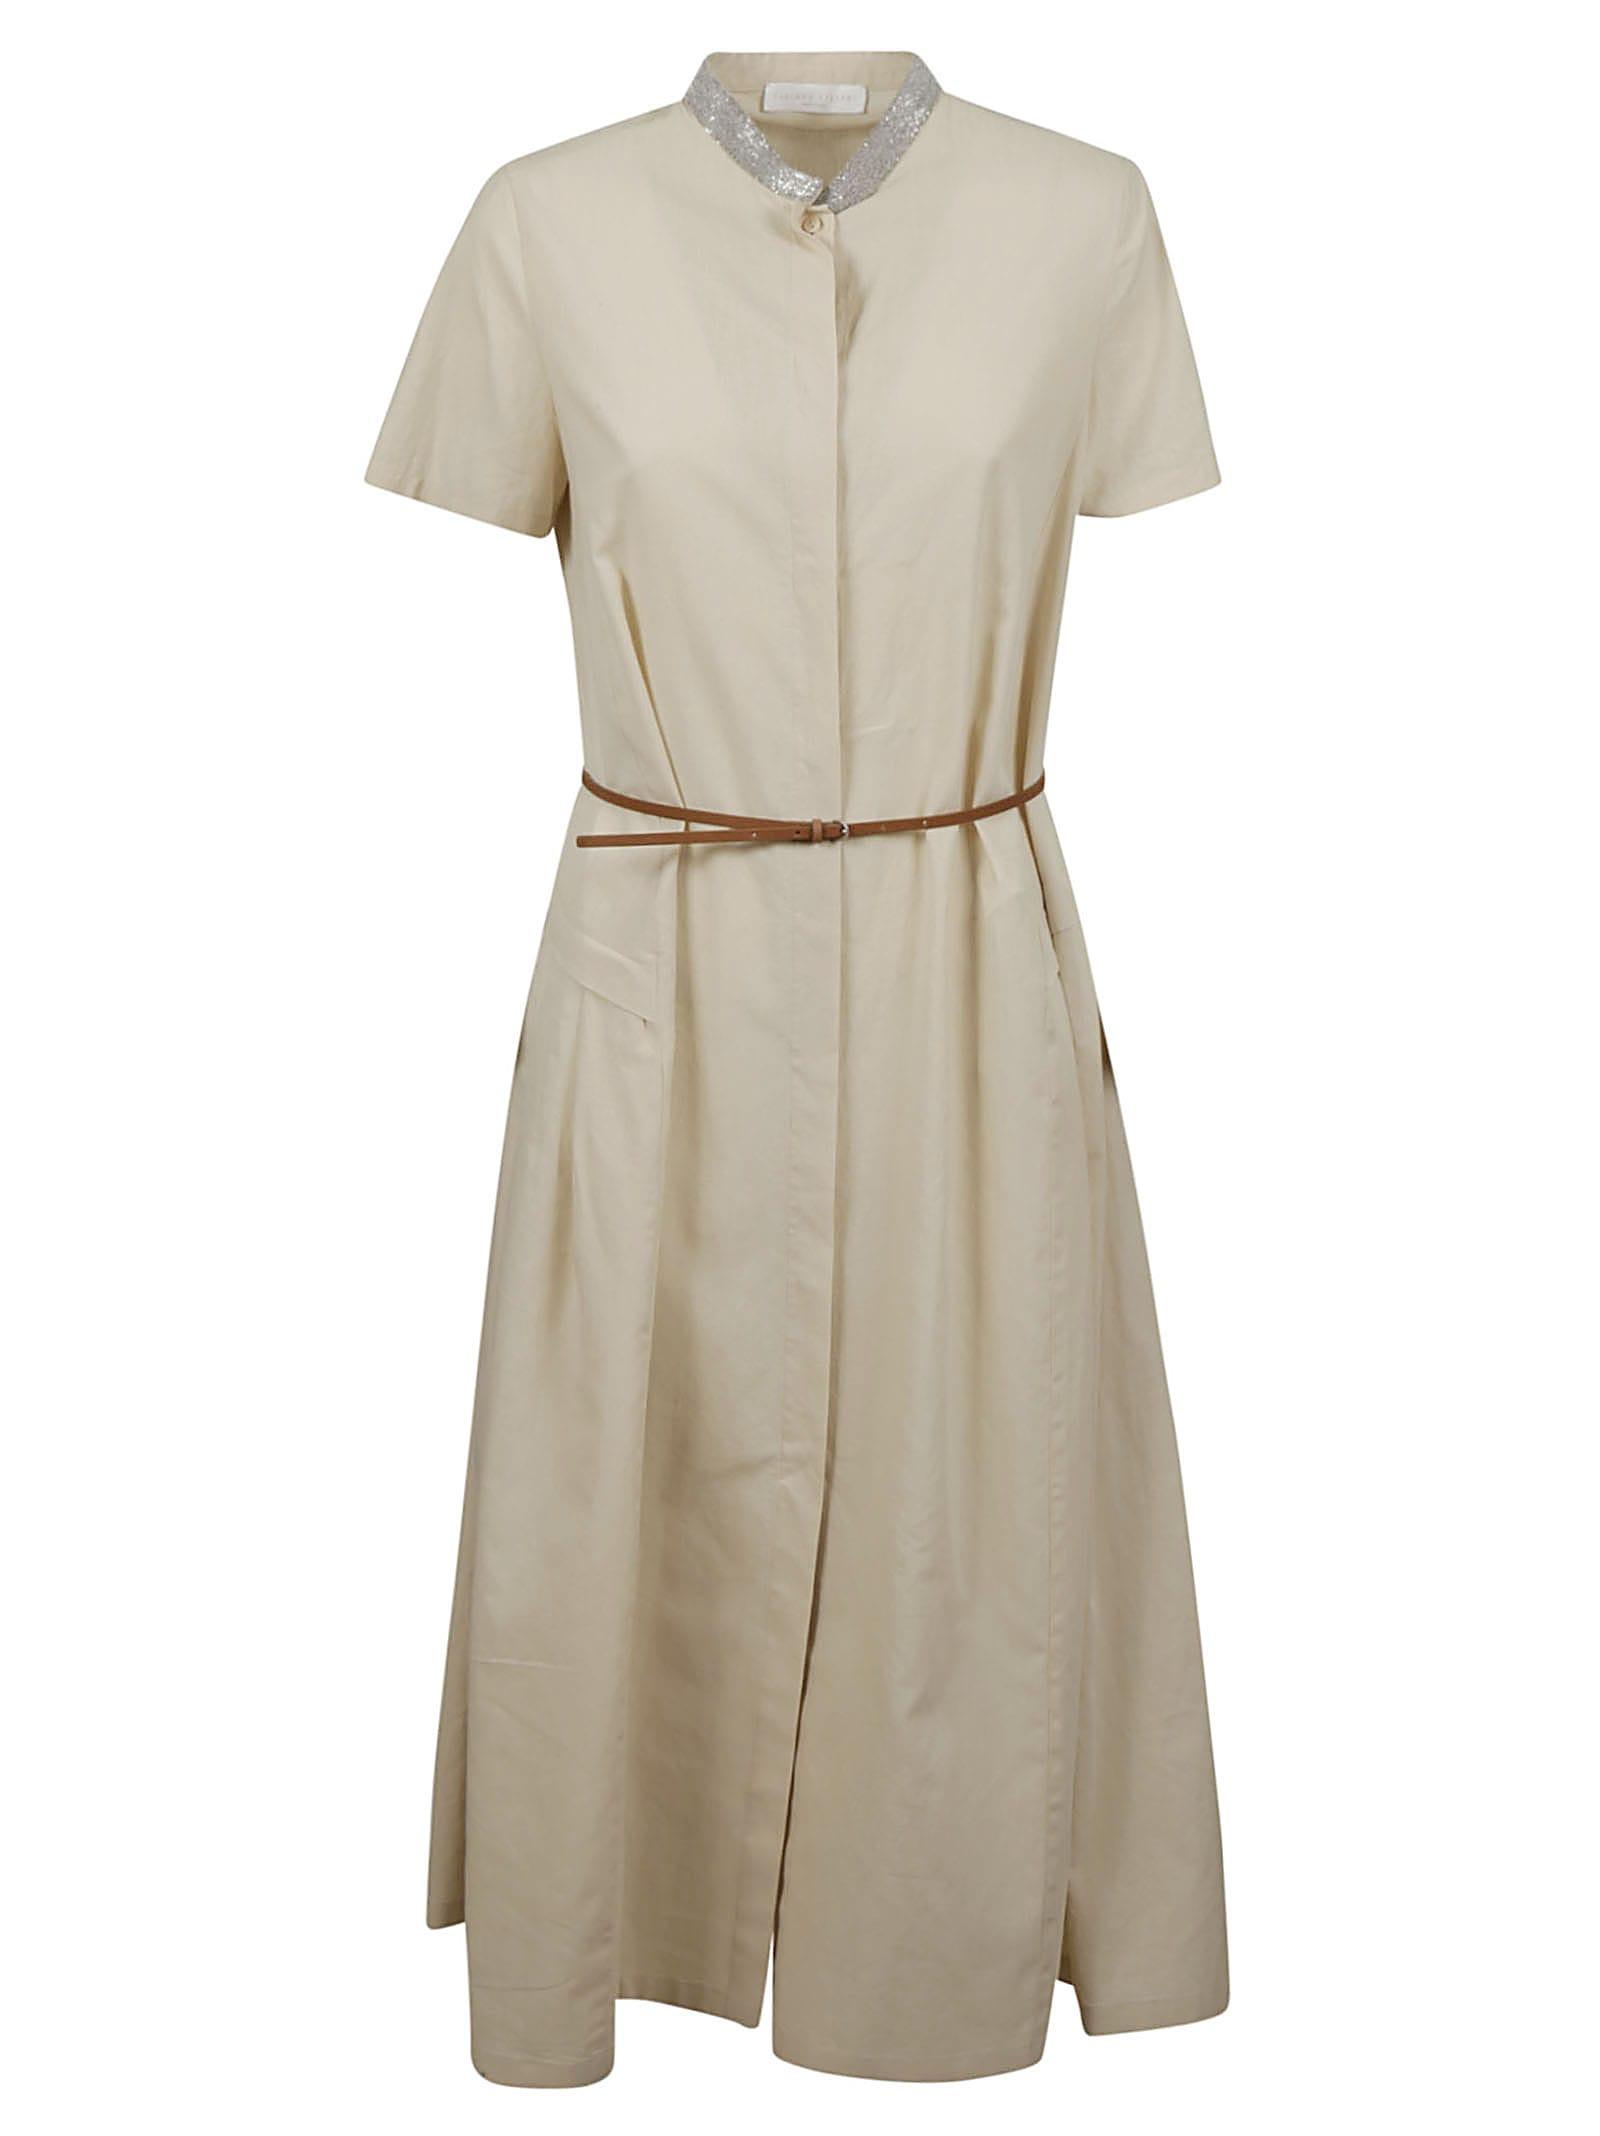 Buy Fabiana Filippi Flared Belted Shirt Dress online, shop Fabiana Filippi with free shipping